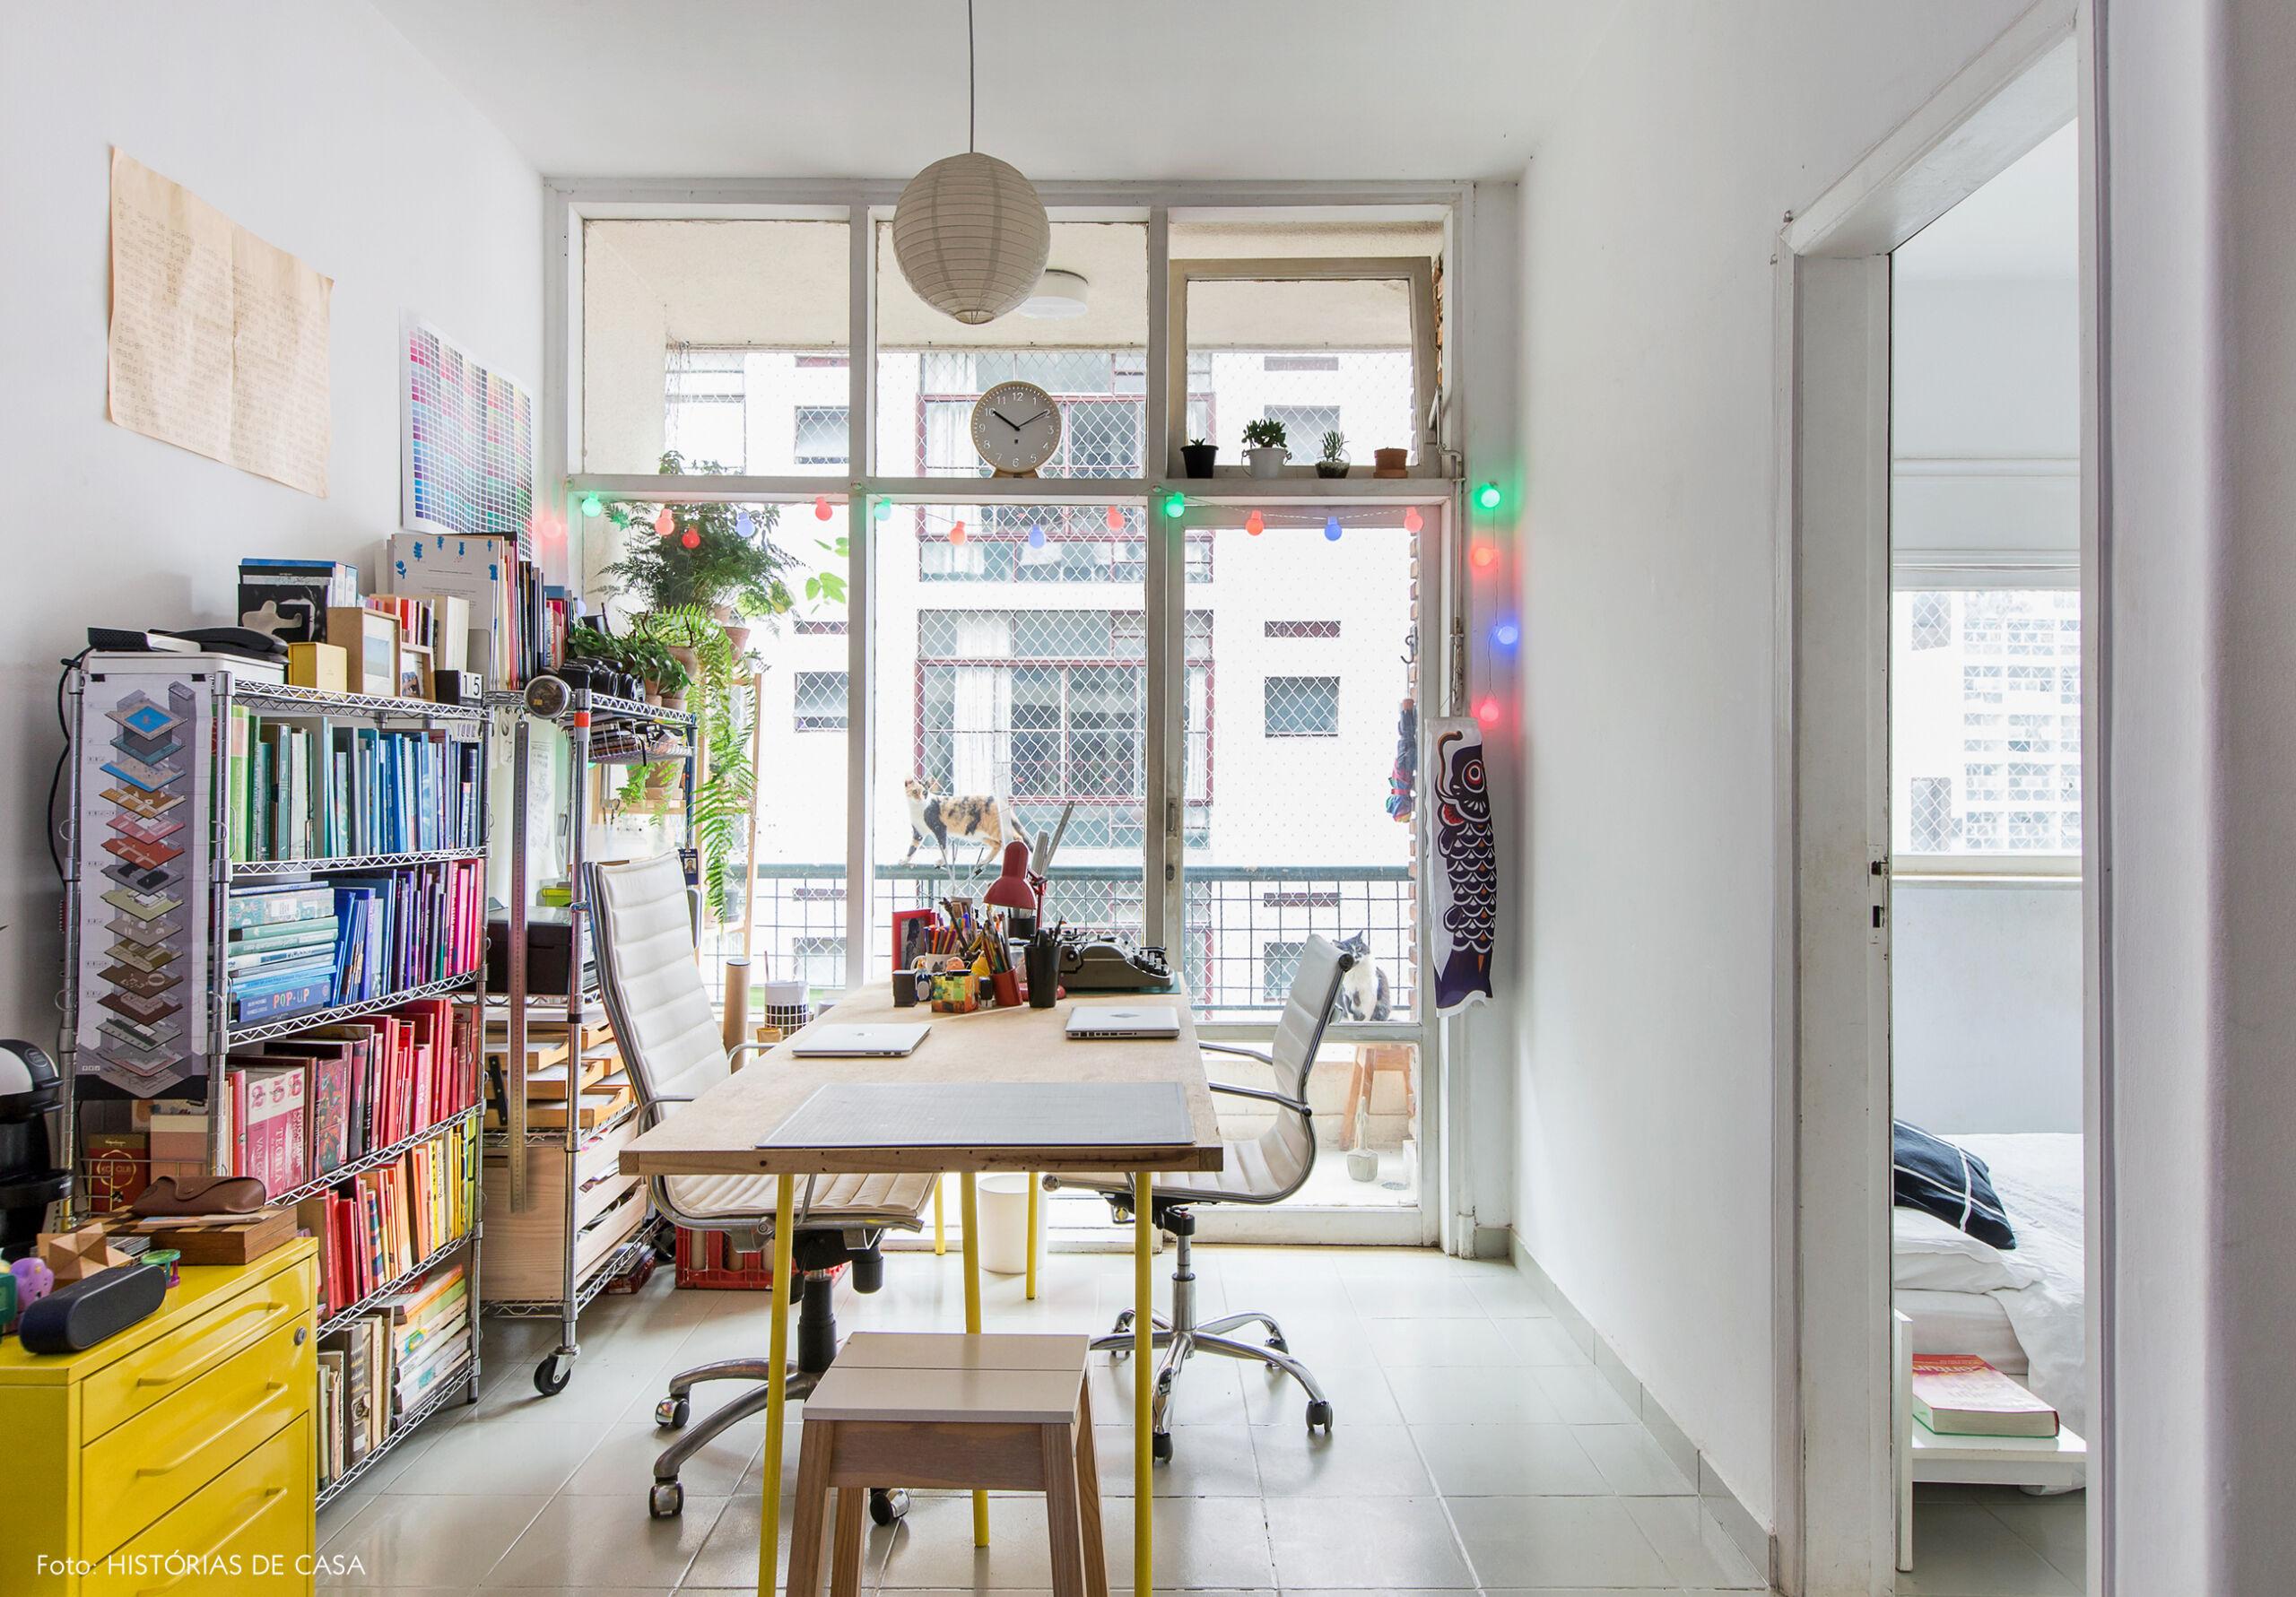 Apartamento pequeno de 40m2 com escritorio montado na sala